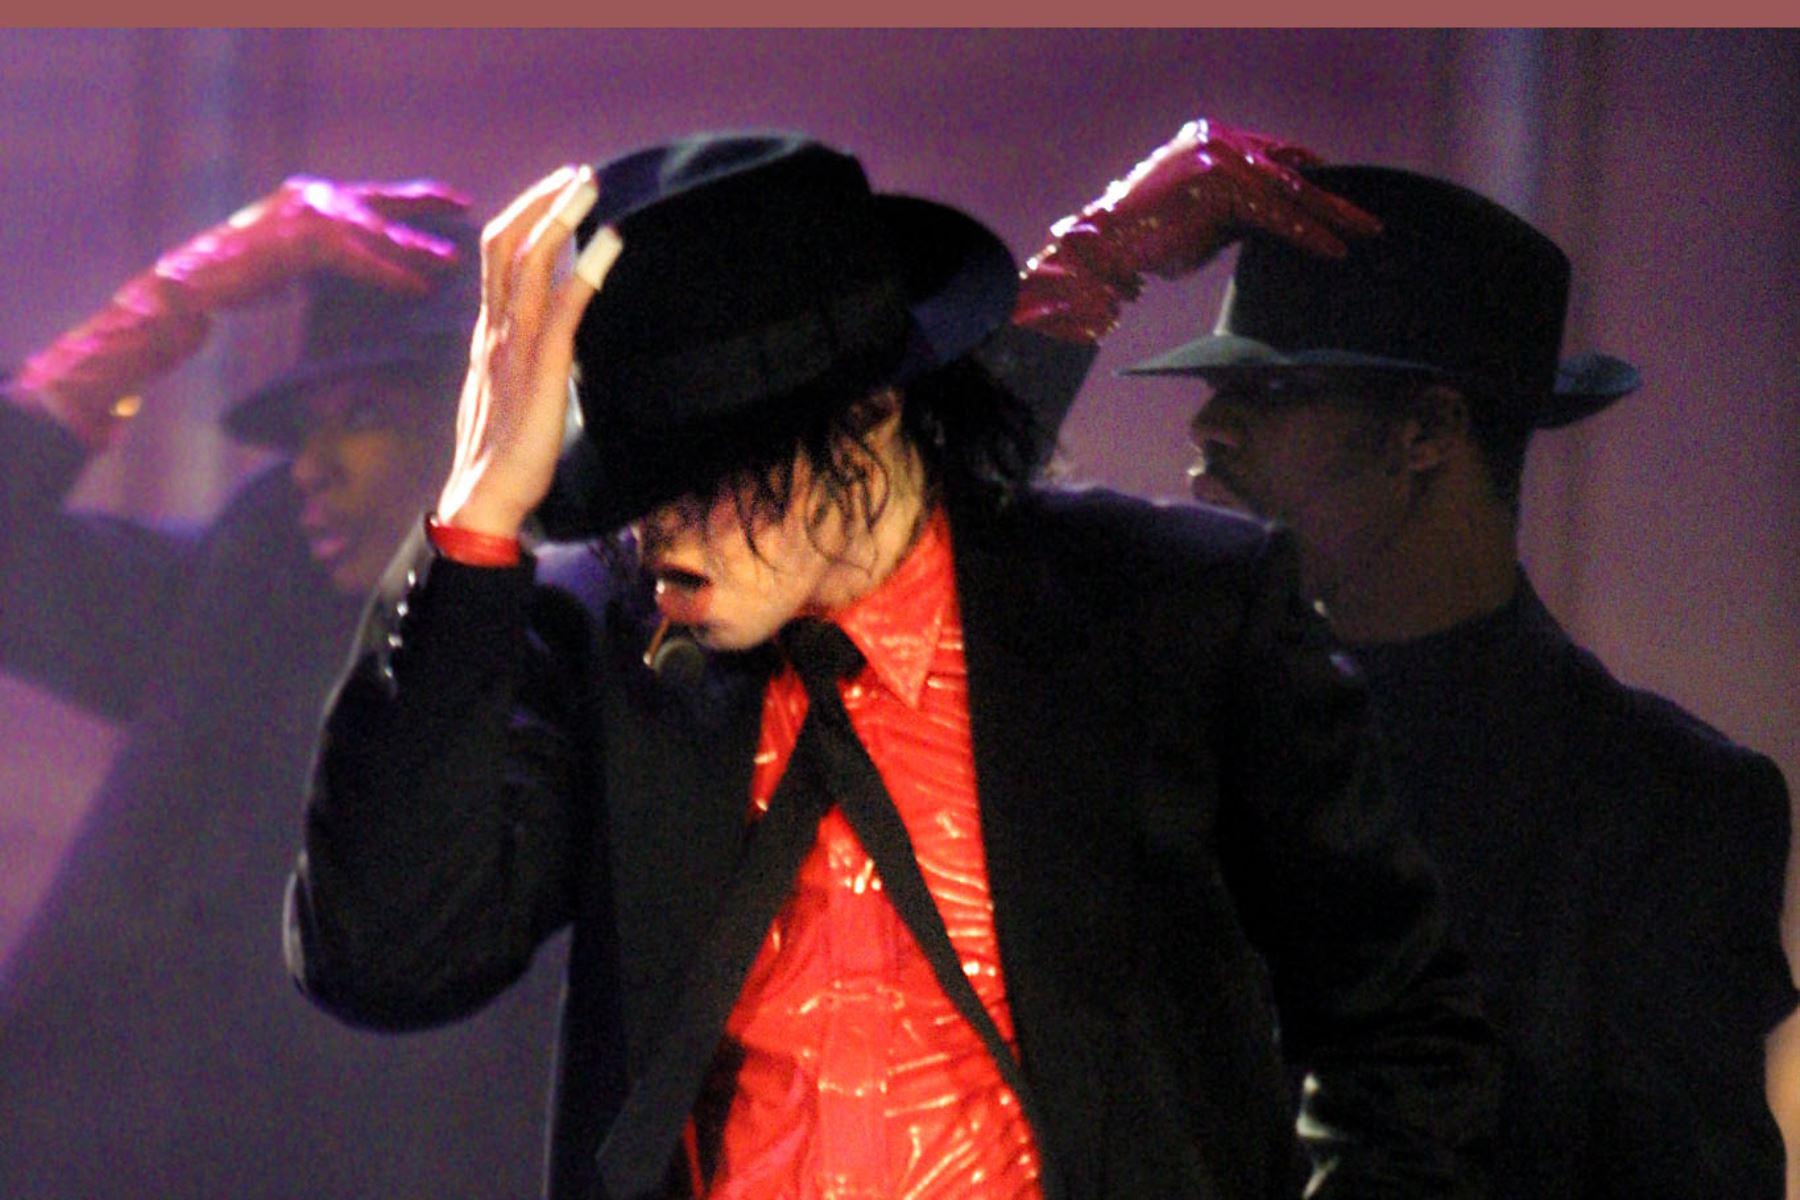 El cantante estadounidense Michael Jackson se presenta el 20 de abril de 2002 en Pasadena, California. Foto: AFP